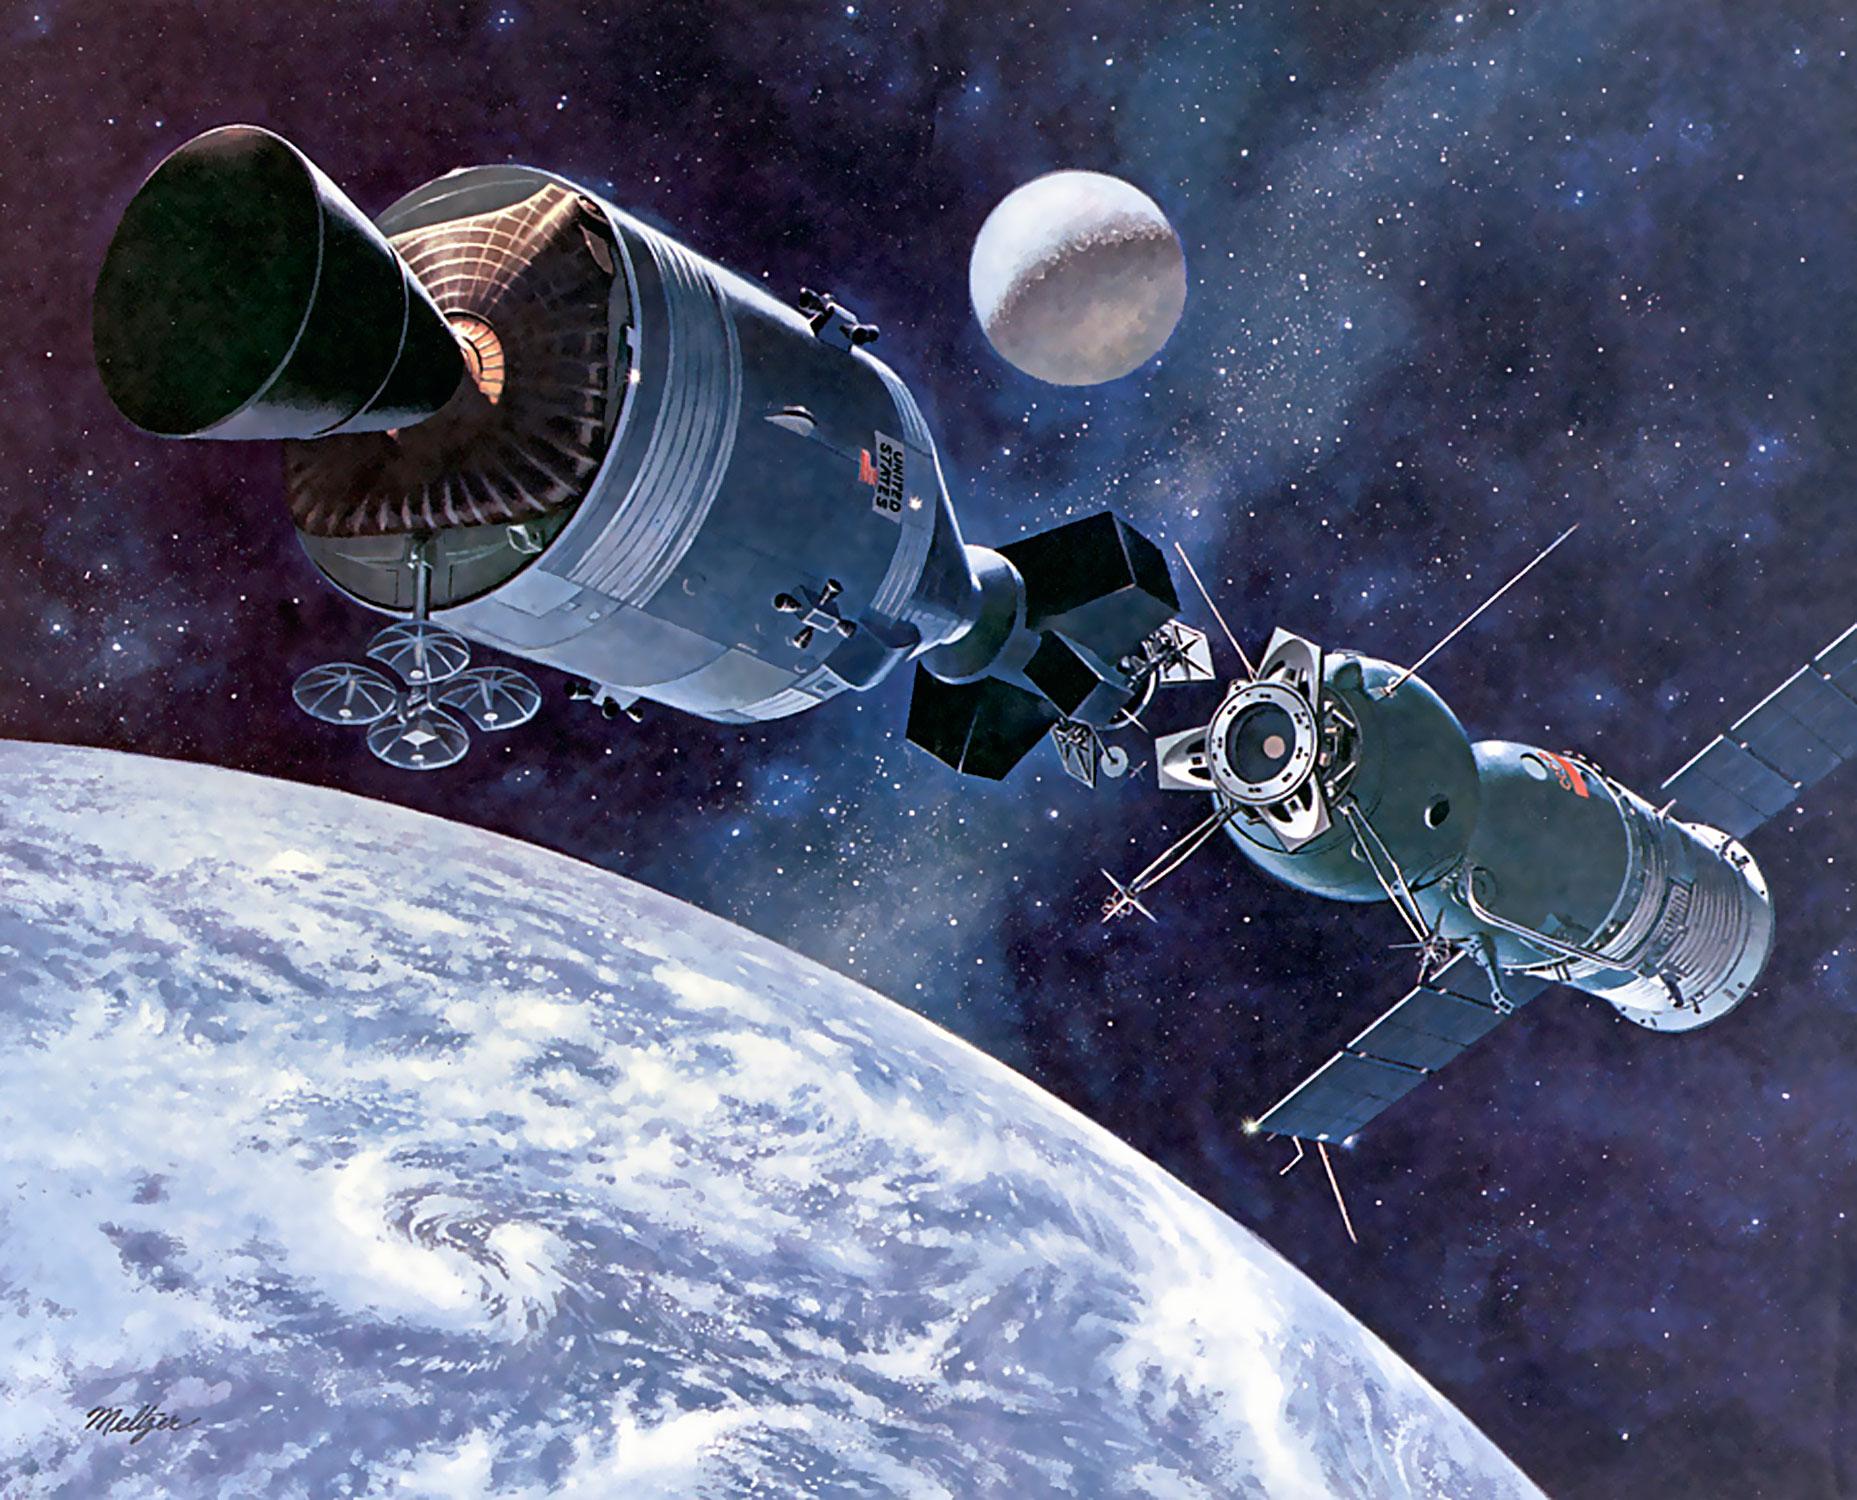 Wallpaper Kendaraan Angkasa Satelit Suasana Luar Angkasa